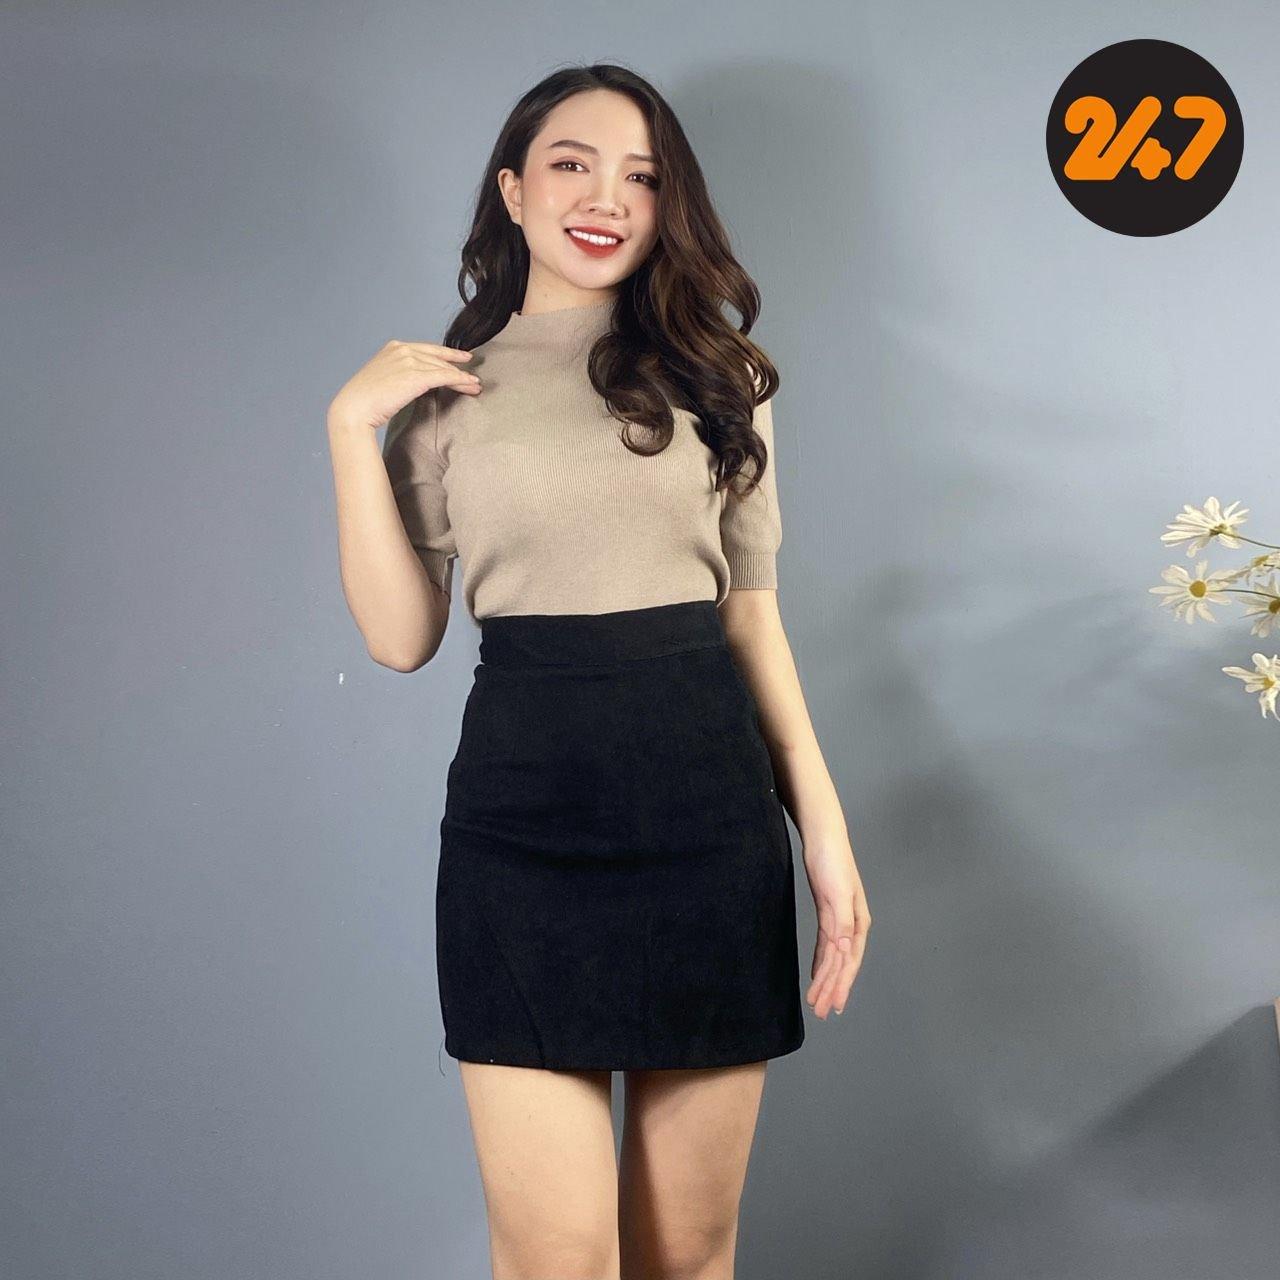 Chân Váy Cạp Cao Nhung Tăm 523 NA/T2/PA/K8